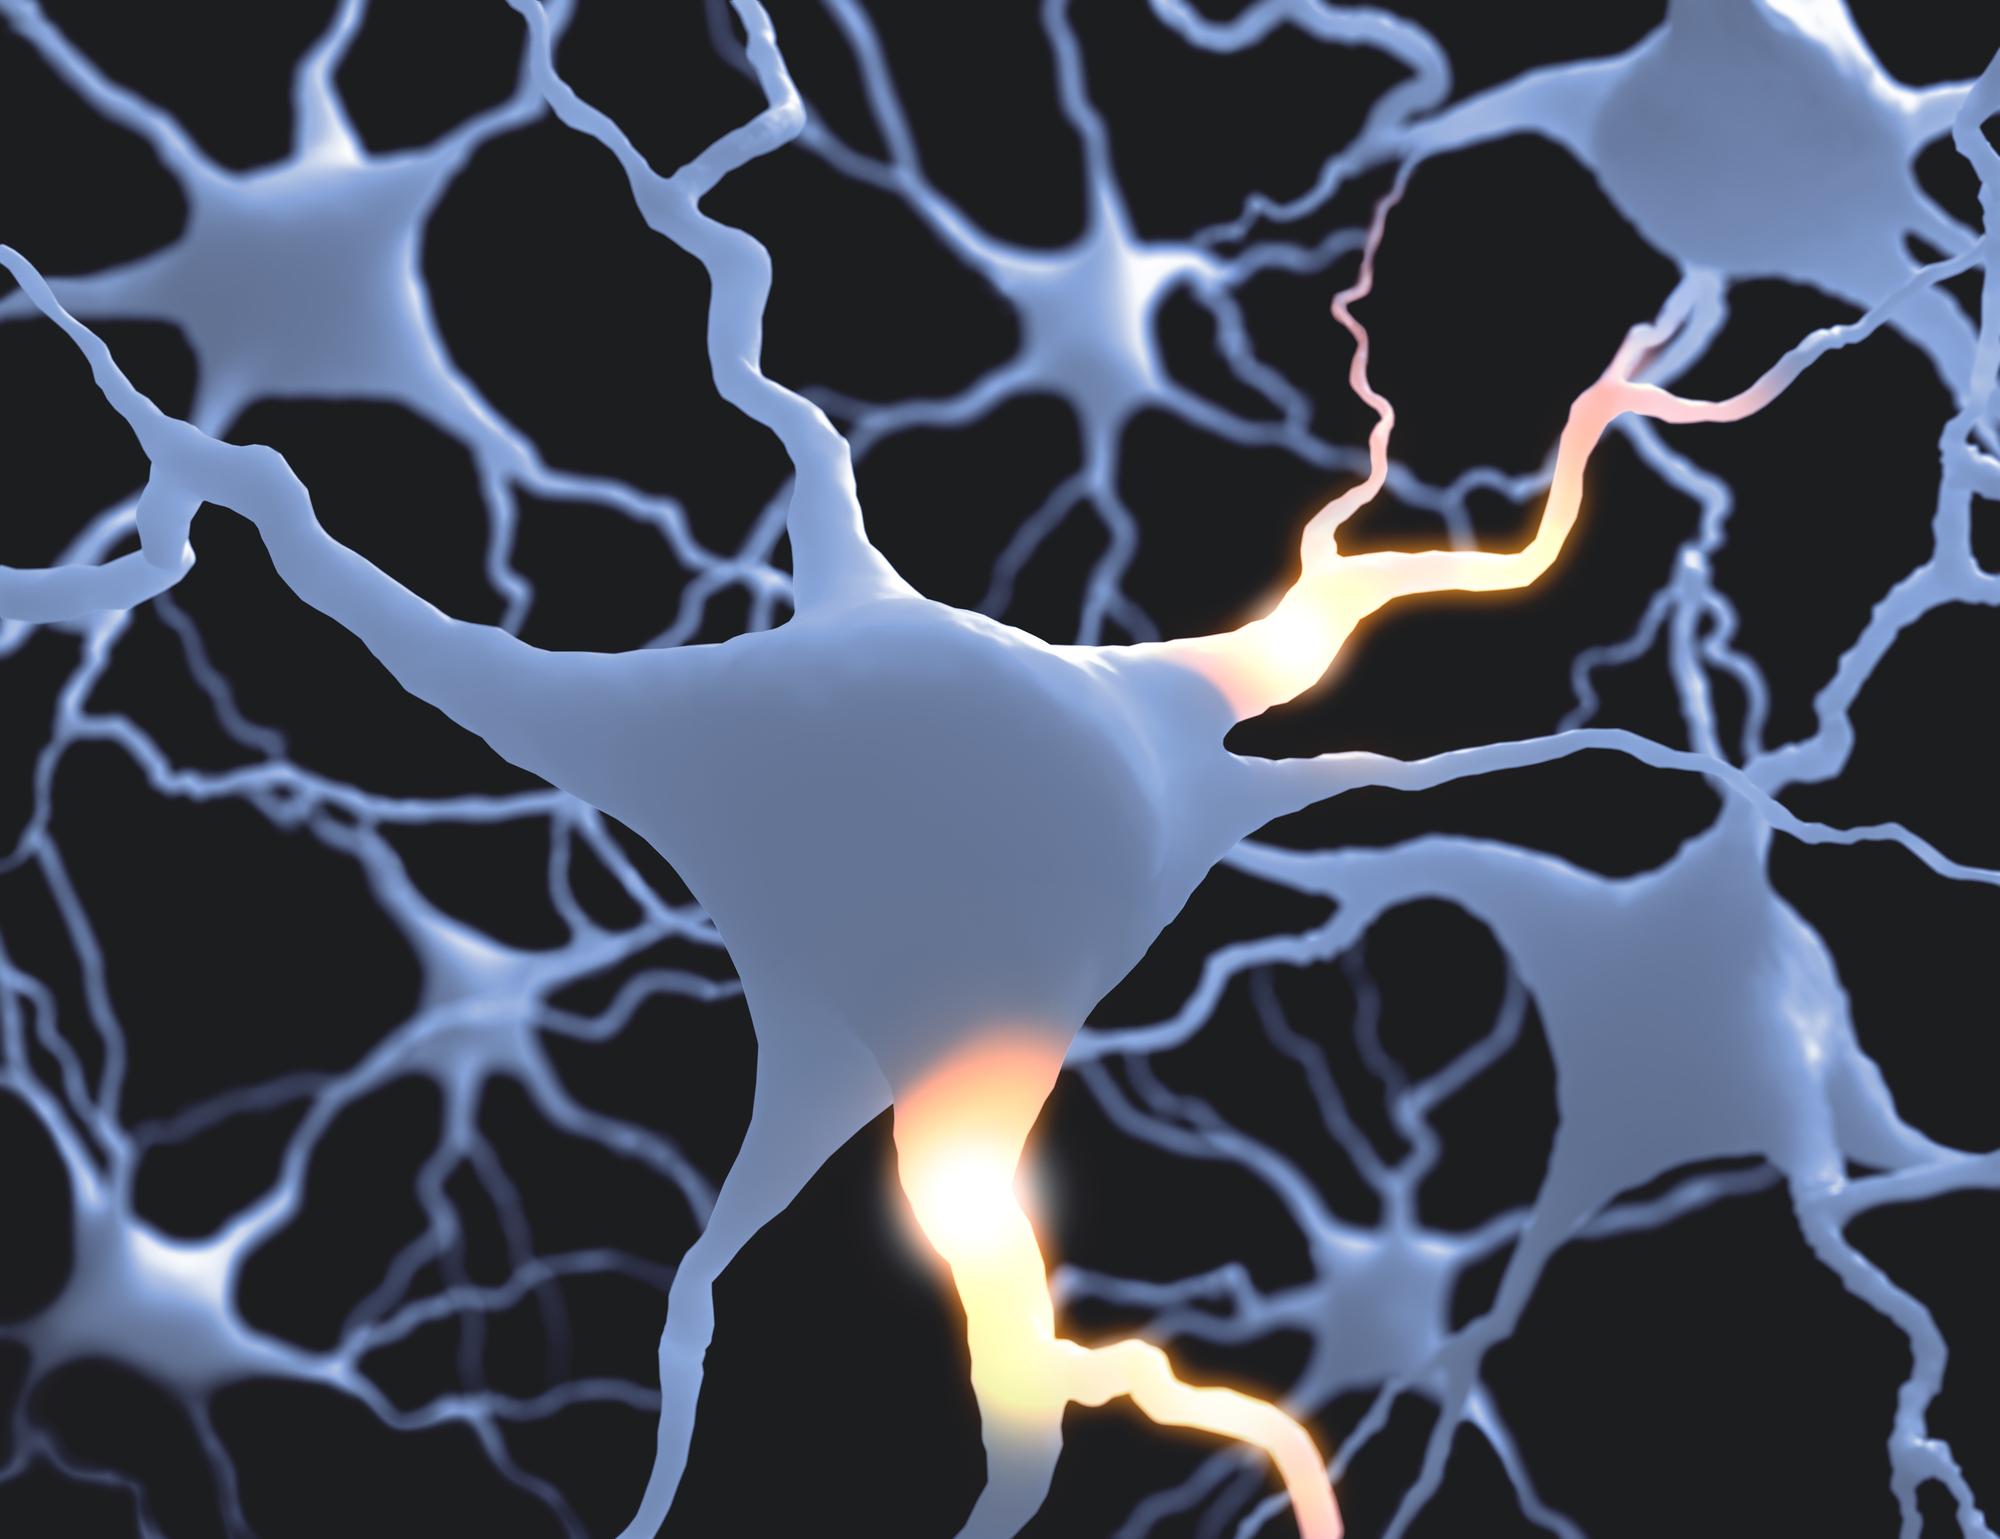 <dfn>Сонотермогенетика</dfn> может помочь втерапии различных неврологических заболеваний.